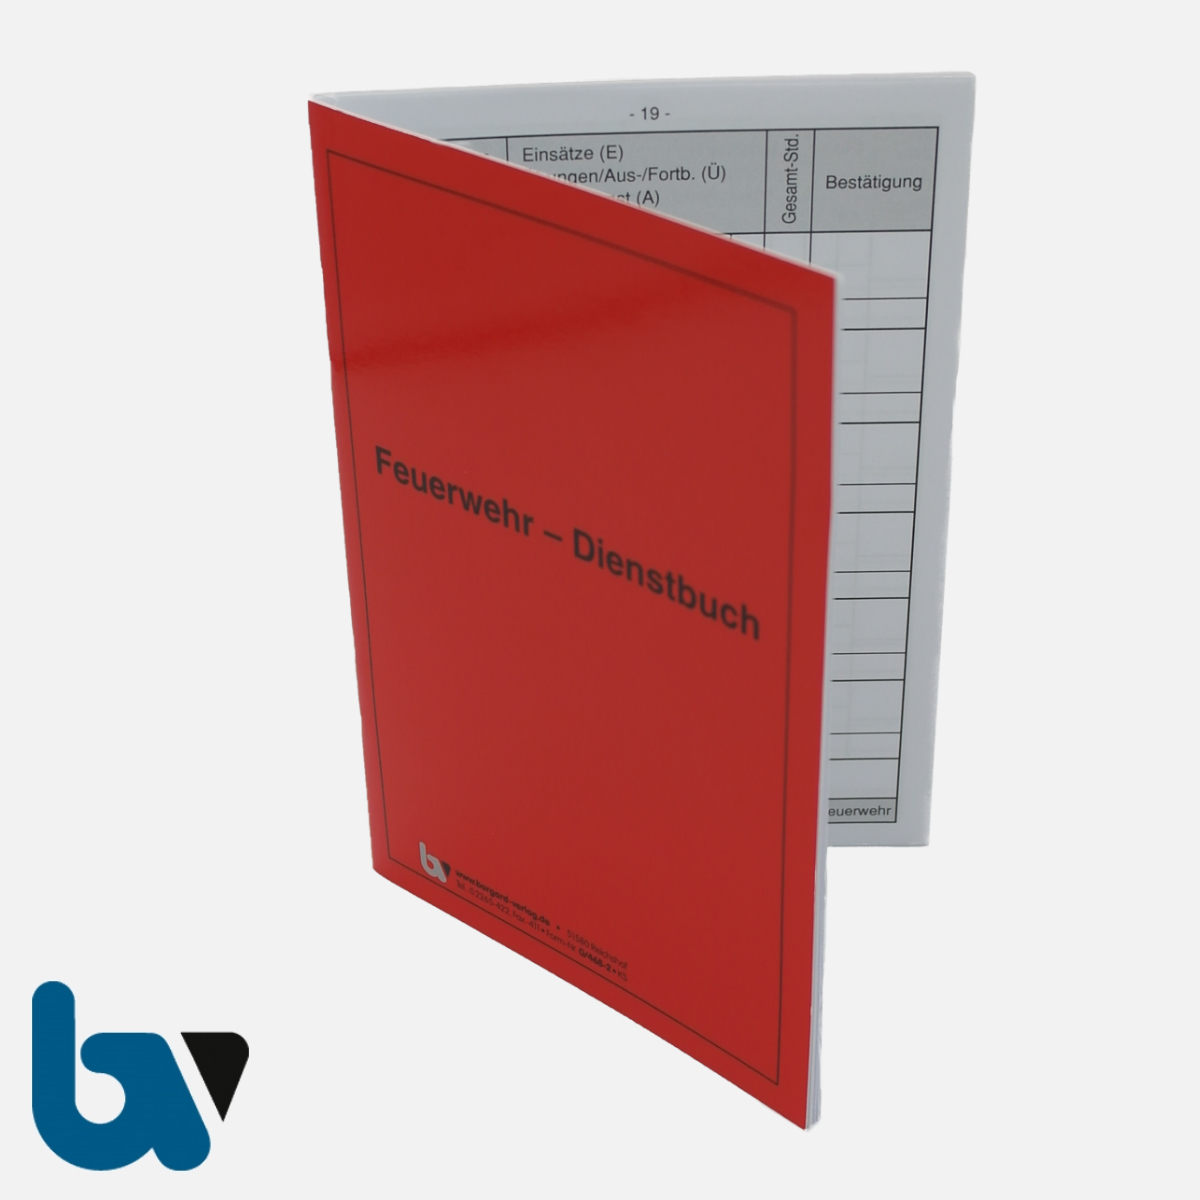 0/468-2 Dienstbuch Freiwillige Feuerwehr Bericht rot Umschlag wetterfest beschichtet 40 Seiten DIN A6 VS   Borgard Verlag GmbH